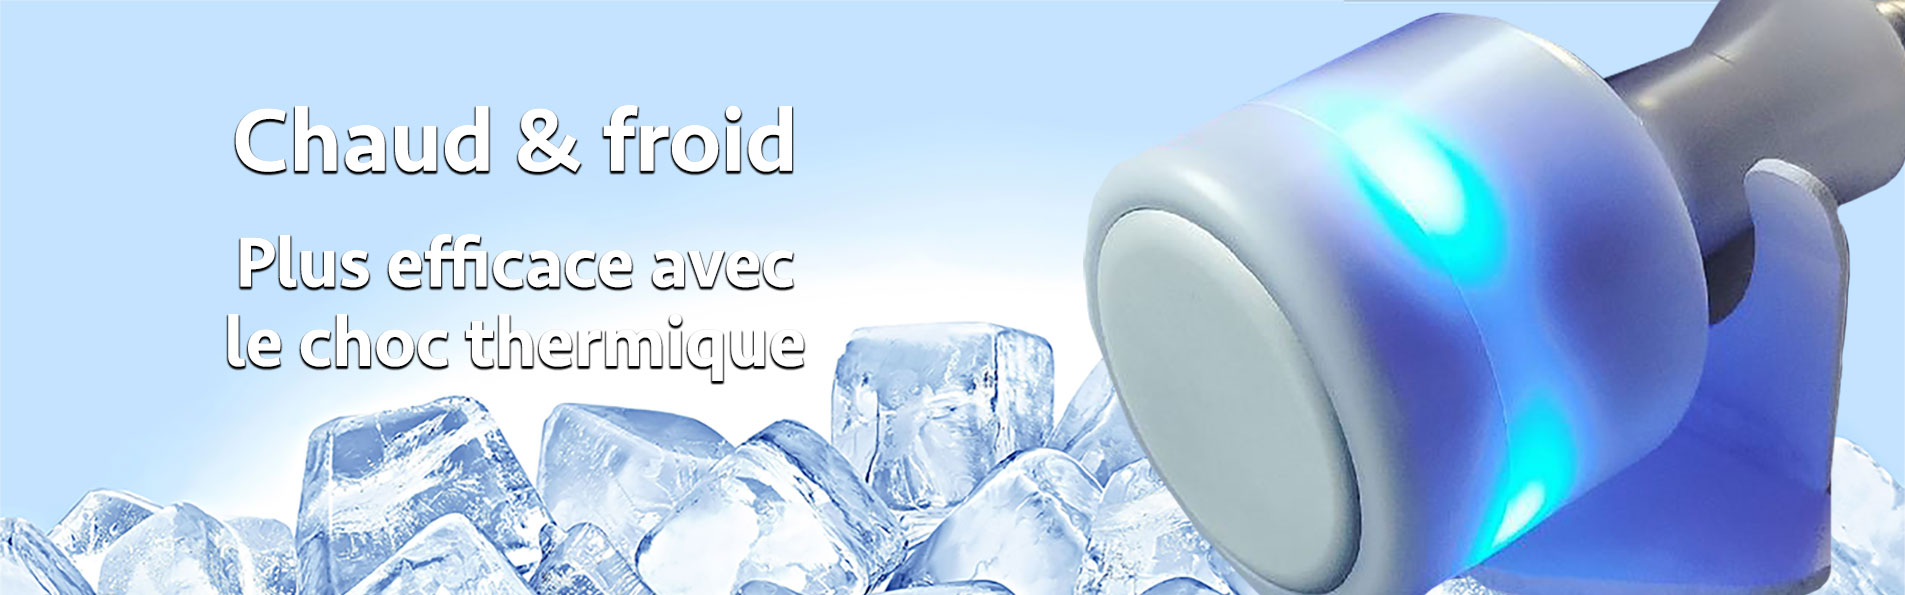 plus-efficace-avec-le-choc-thermique-cryo.jpg